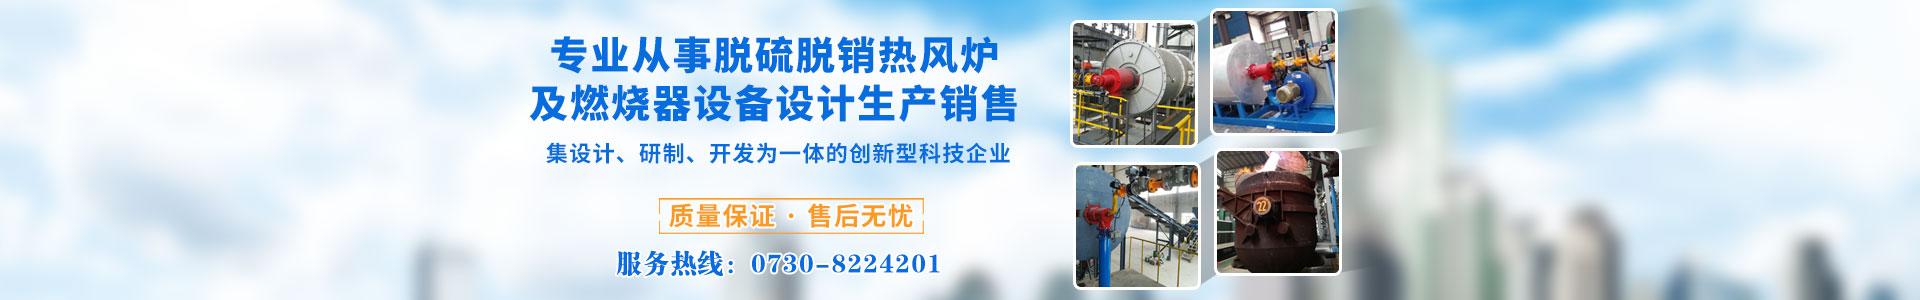 岳阳通海炉窑电磁设备有限公司_湖南熔炼炉生产销售|湖南电磁bobapp生产销售